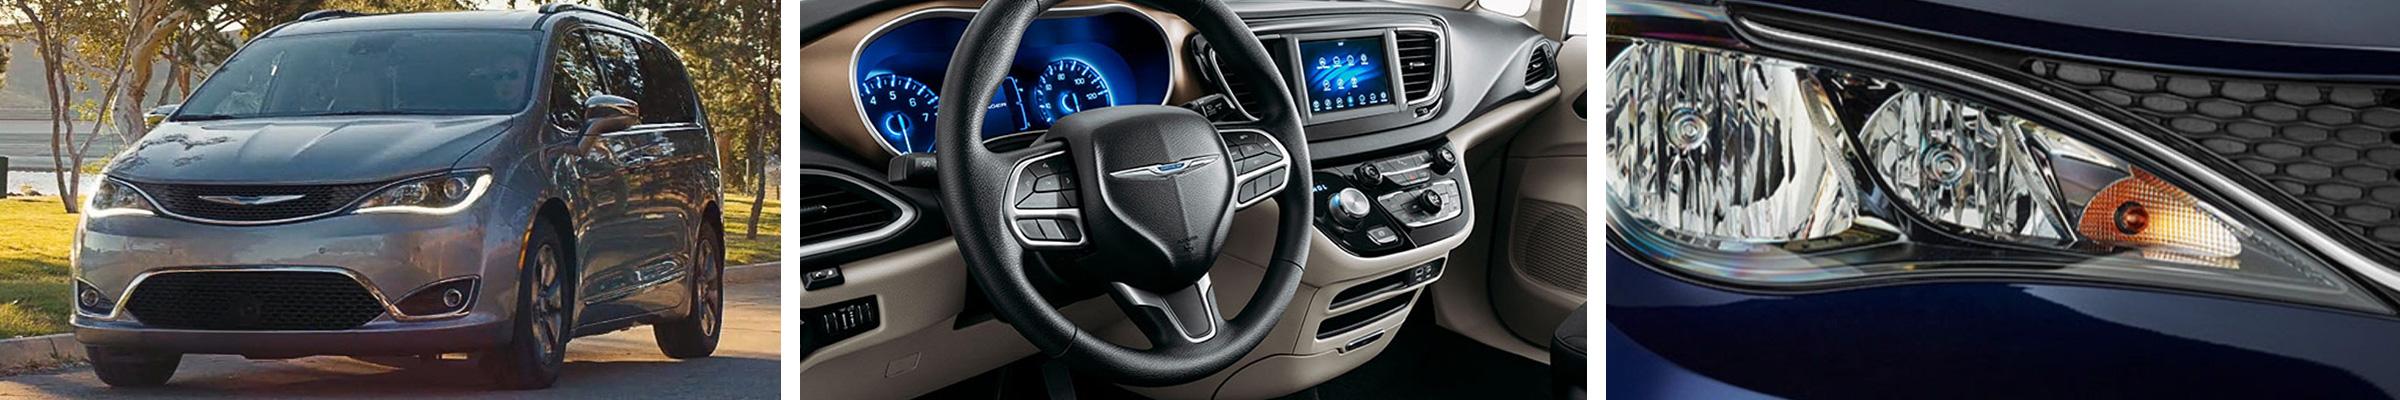 2020 Chrysler Voyager For Sale Delray Beach FL | Boca Raton